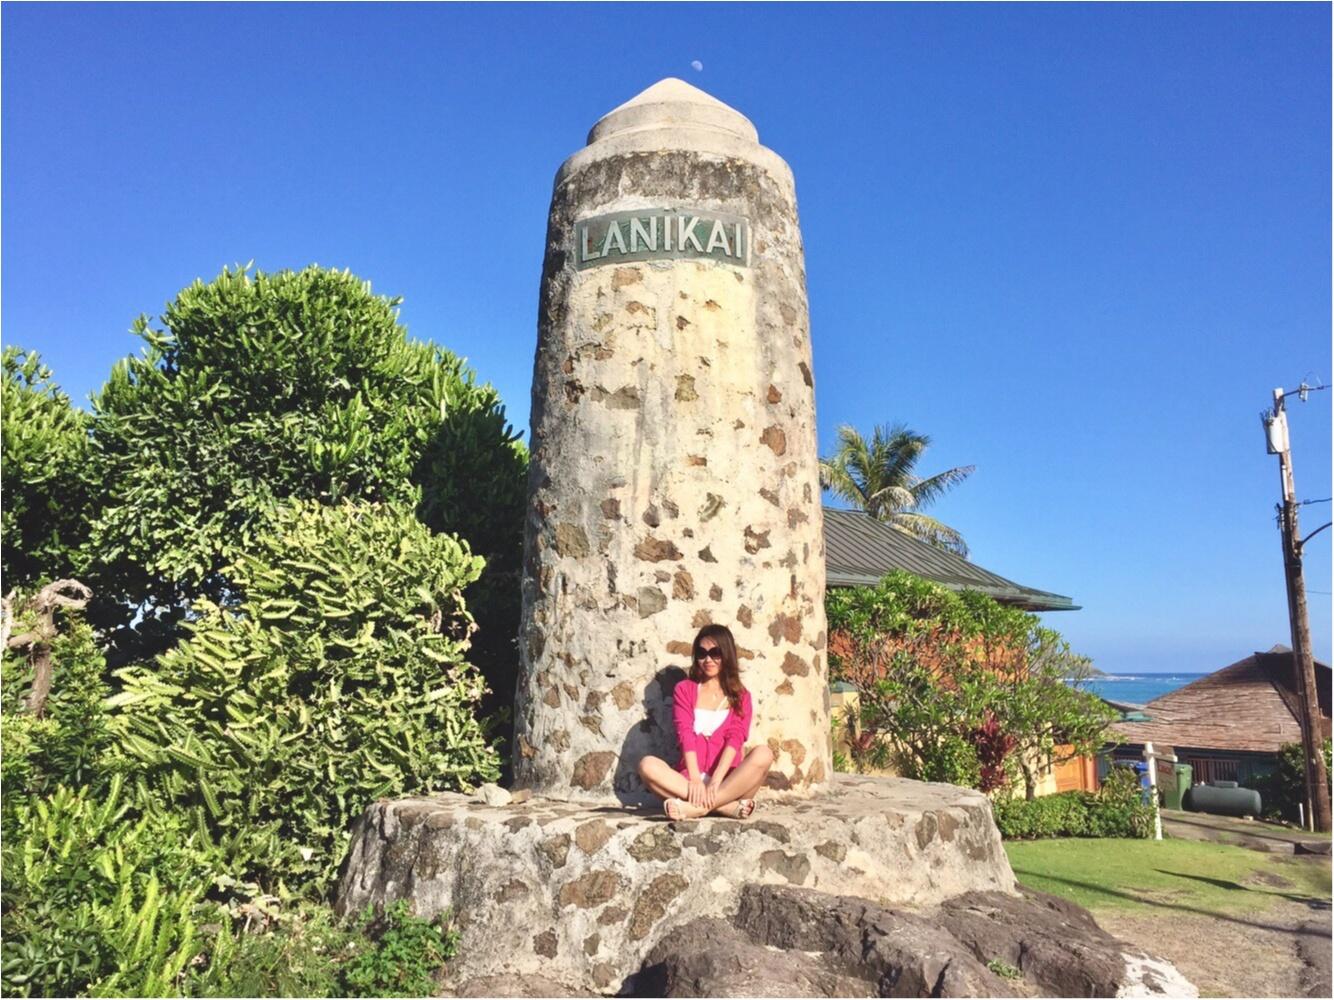 ハワイ女子旅特集 - 人気のカフェやグルメ、インスタ映えスポット、ディズニーなど旅する女子のおすすめまとめ_125